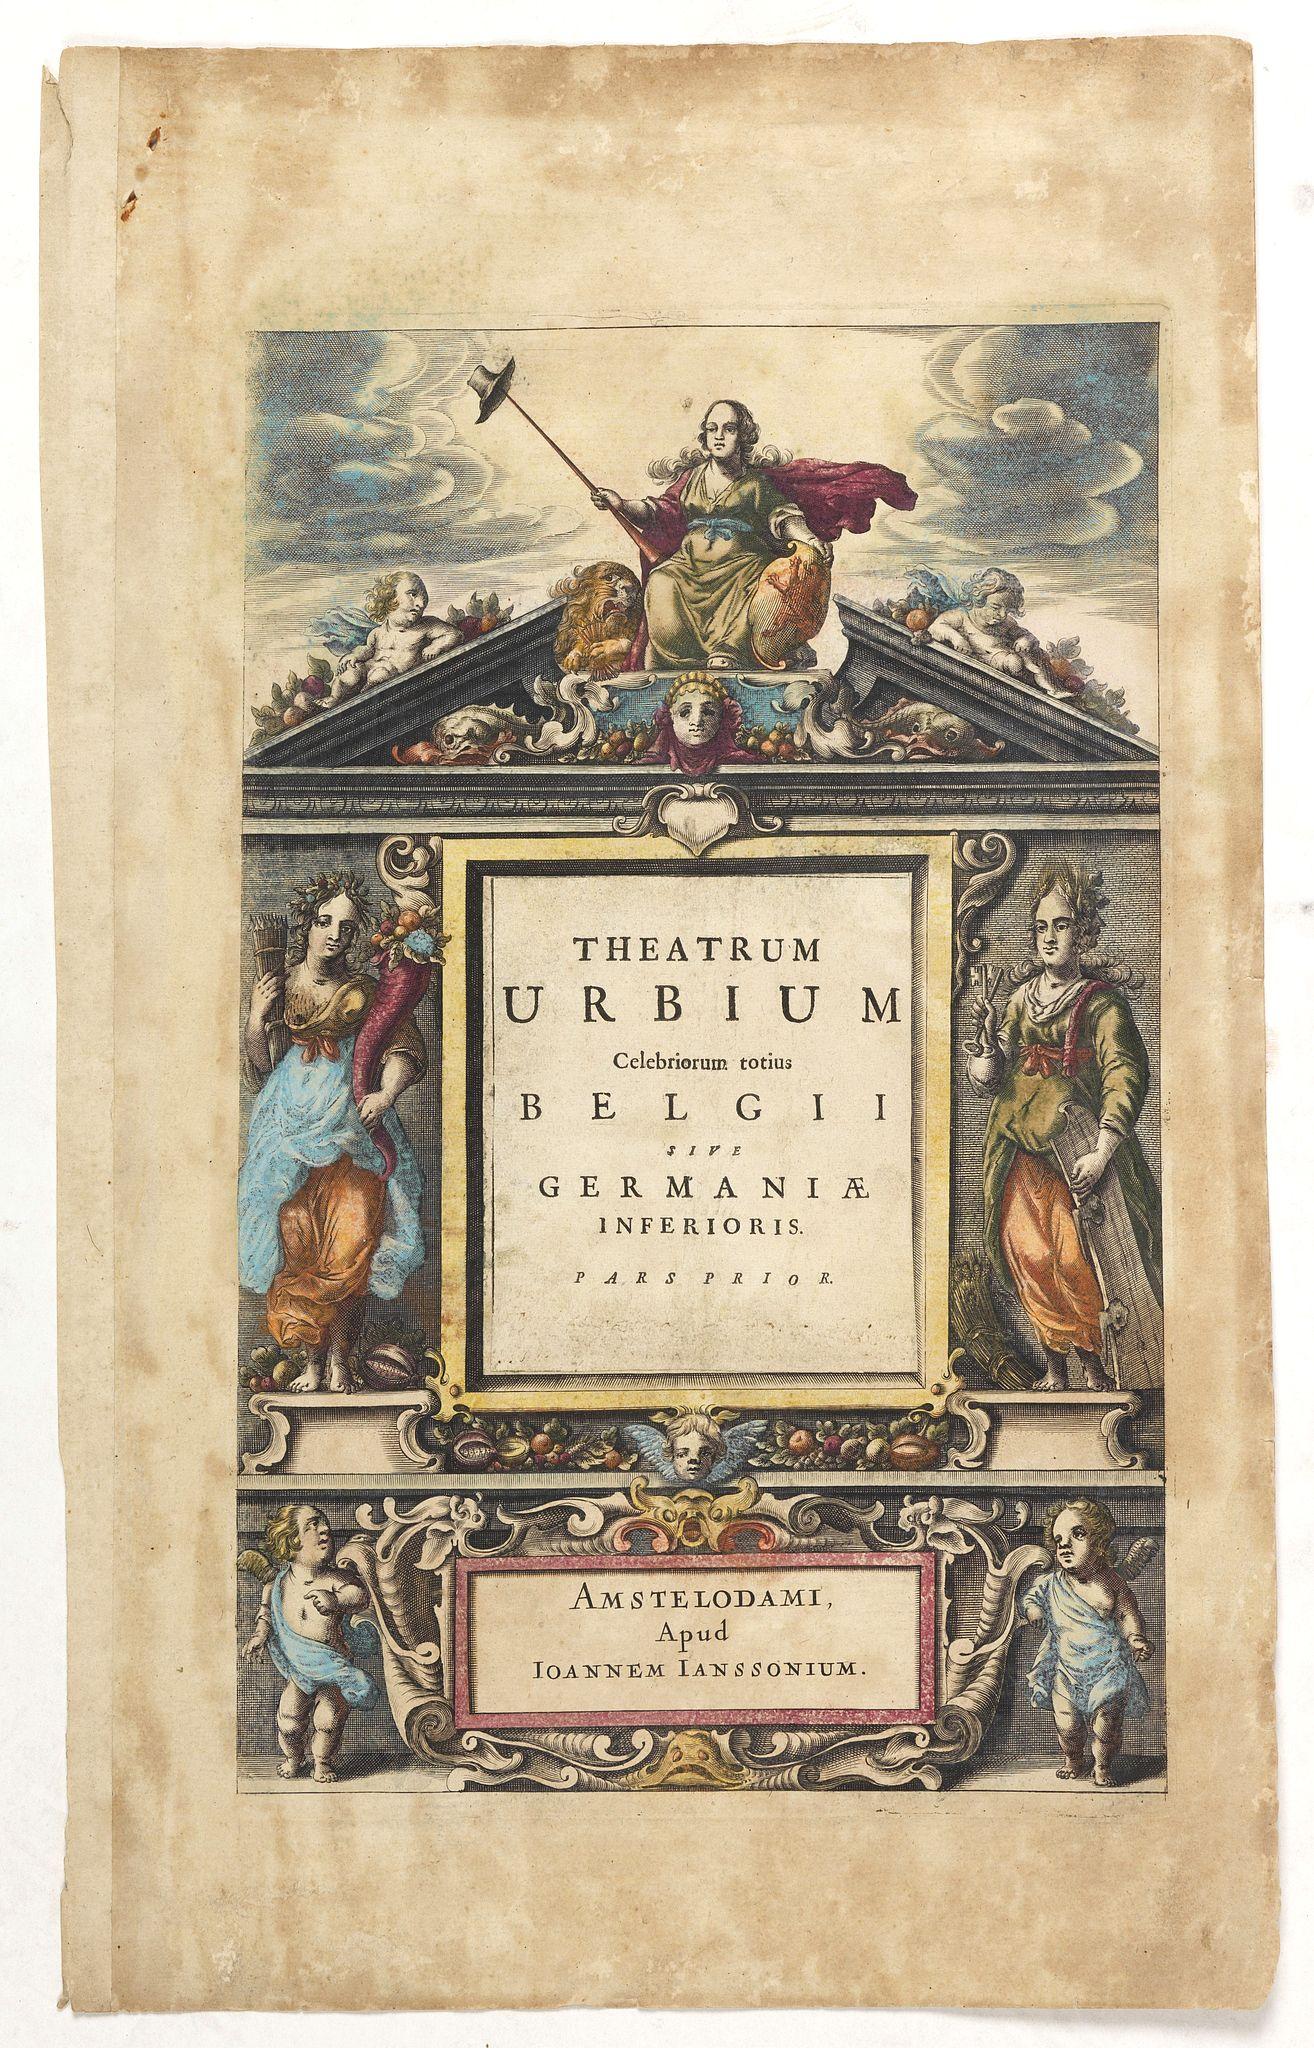 JANSSONIUS, J. -  [Title page] Theatrum Urbium celebriorum totius Belgii sive Germaniae inferioris pars prior.